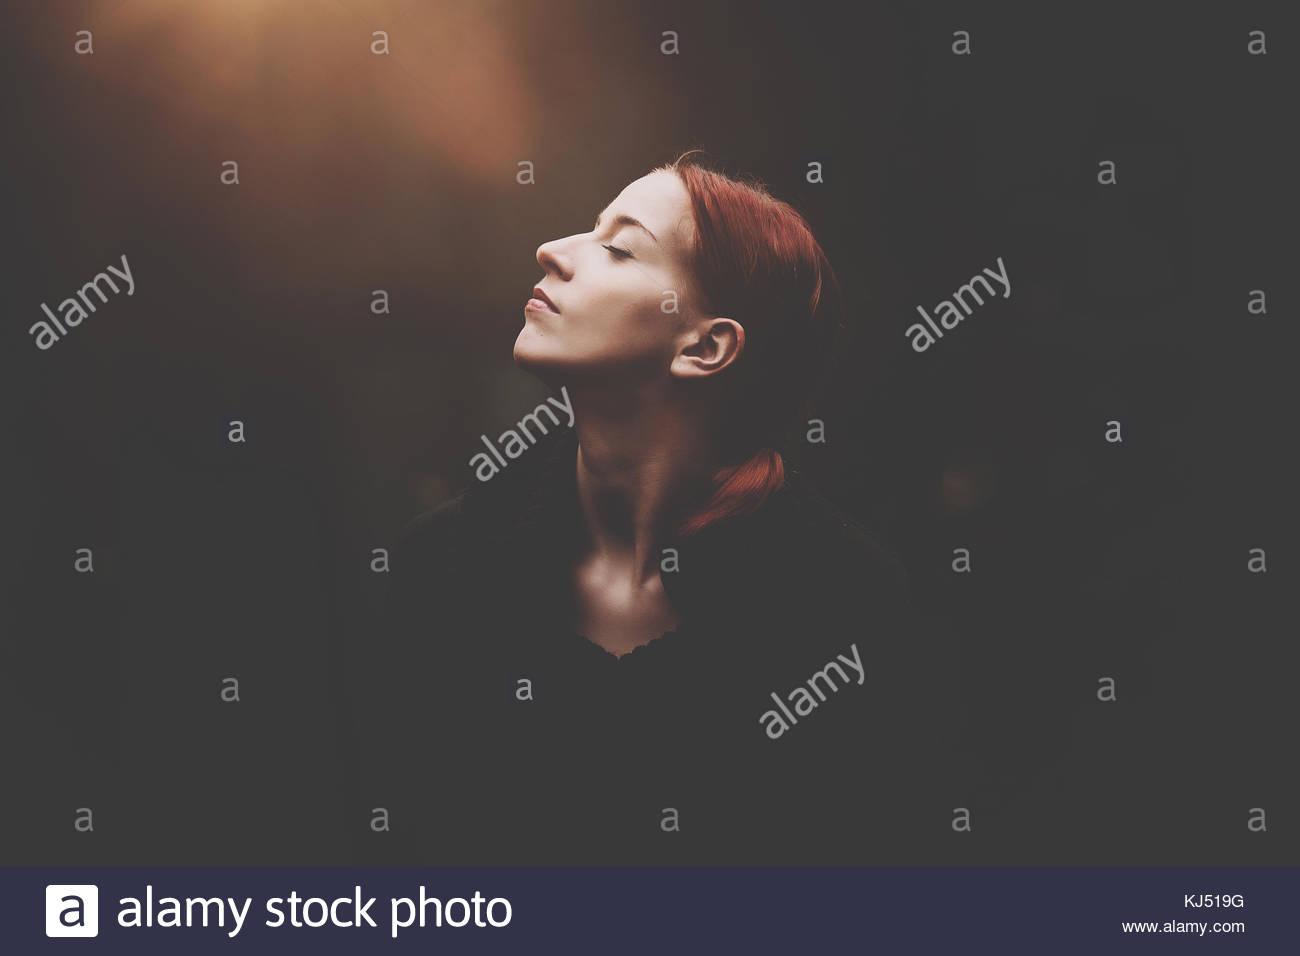 Frau mit roten Haaren Stockbild